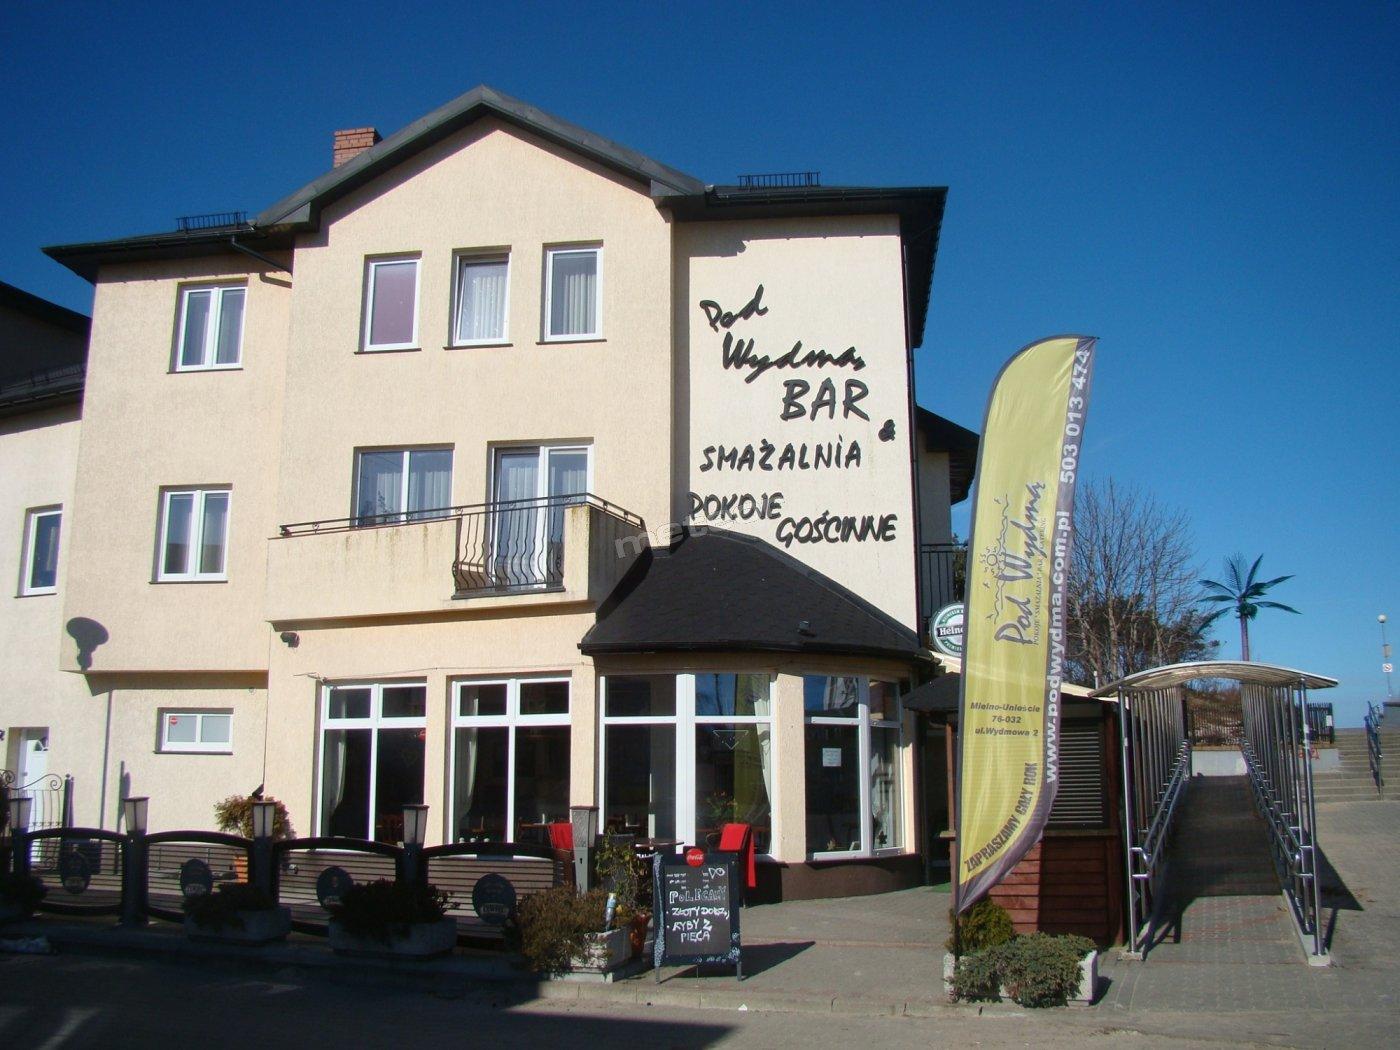 Pokoje Gościnne, Restauracja Pod Wydmą